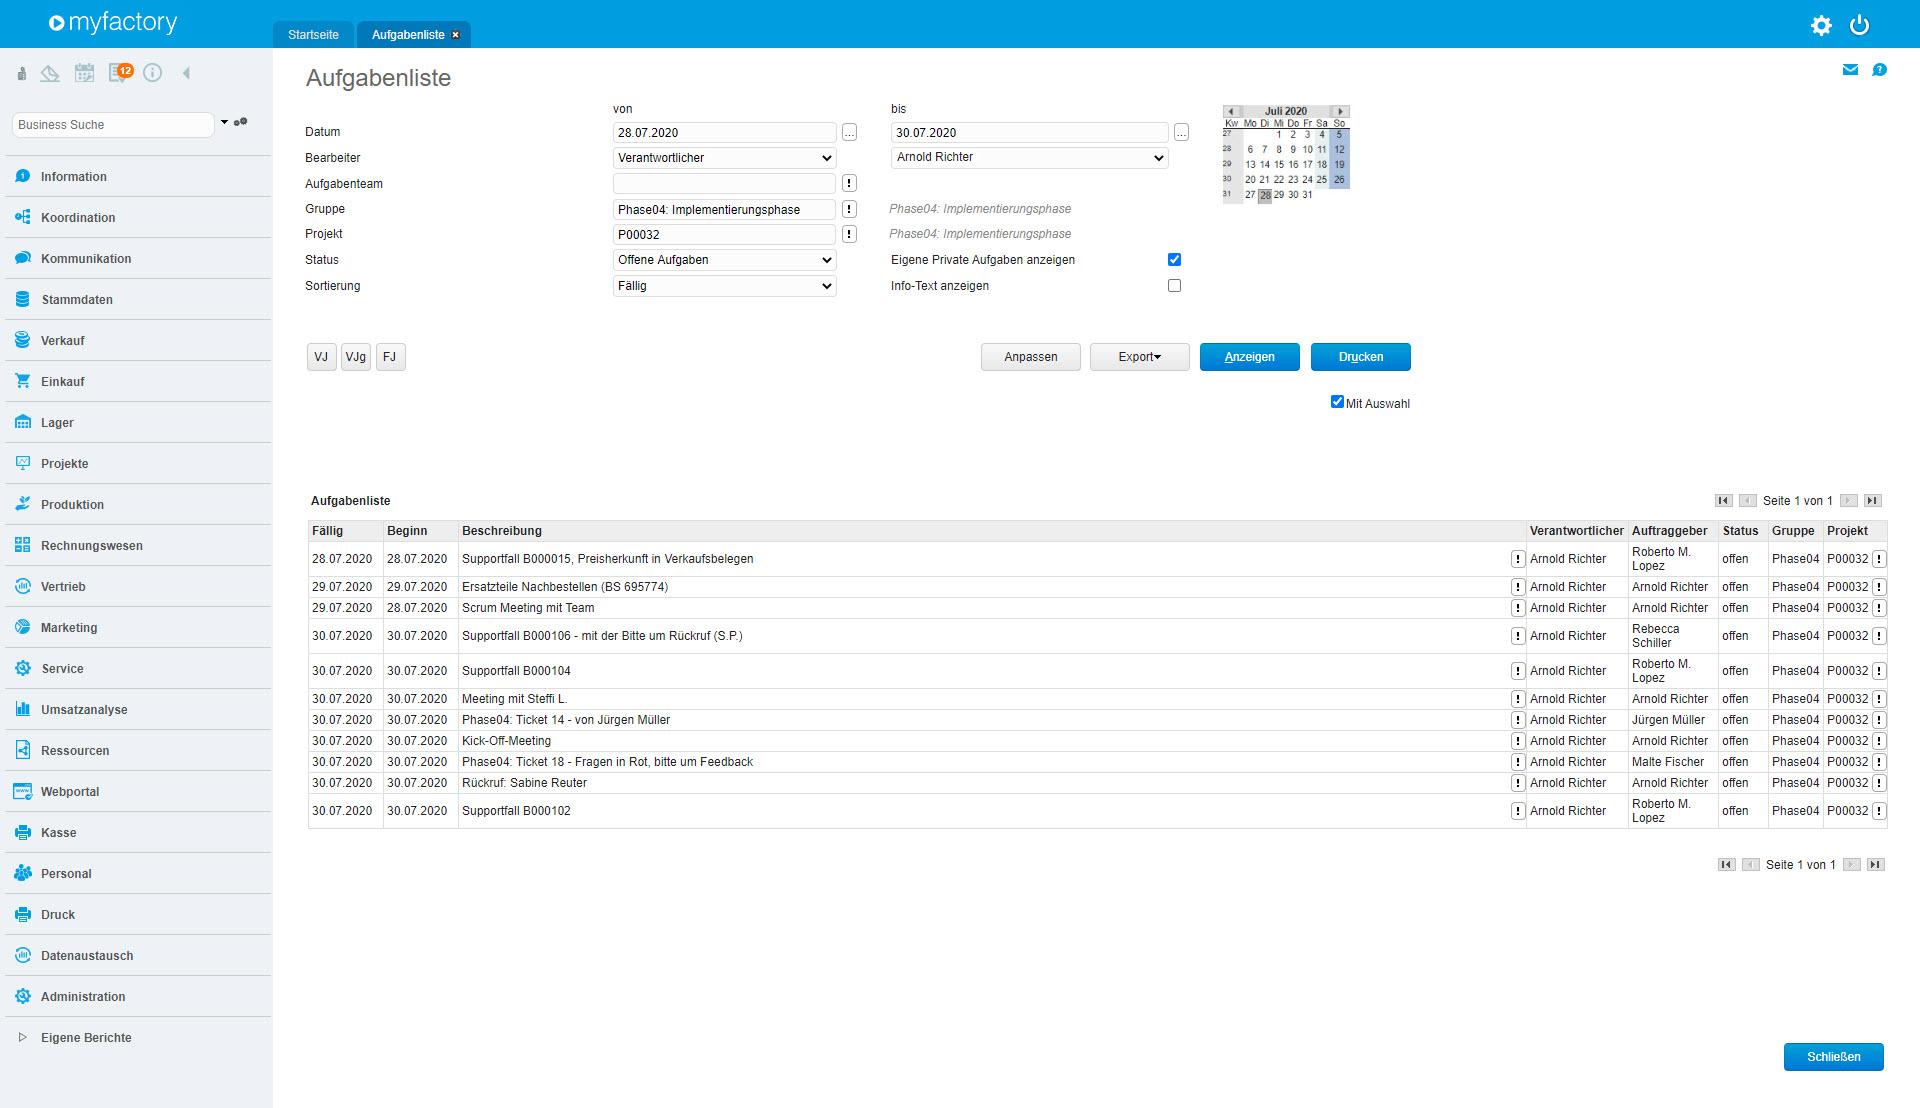 BM - Koordination von Terminen und Aufgaben -Aufgabenliste_